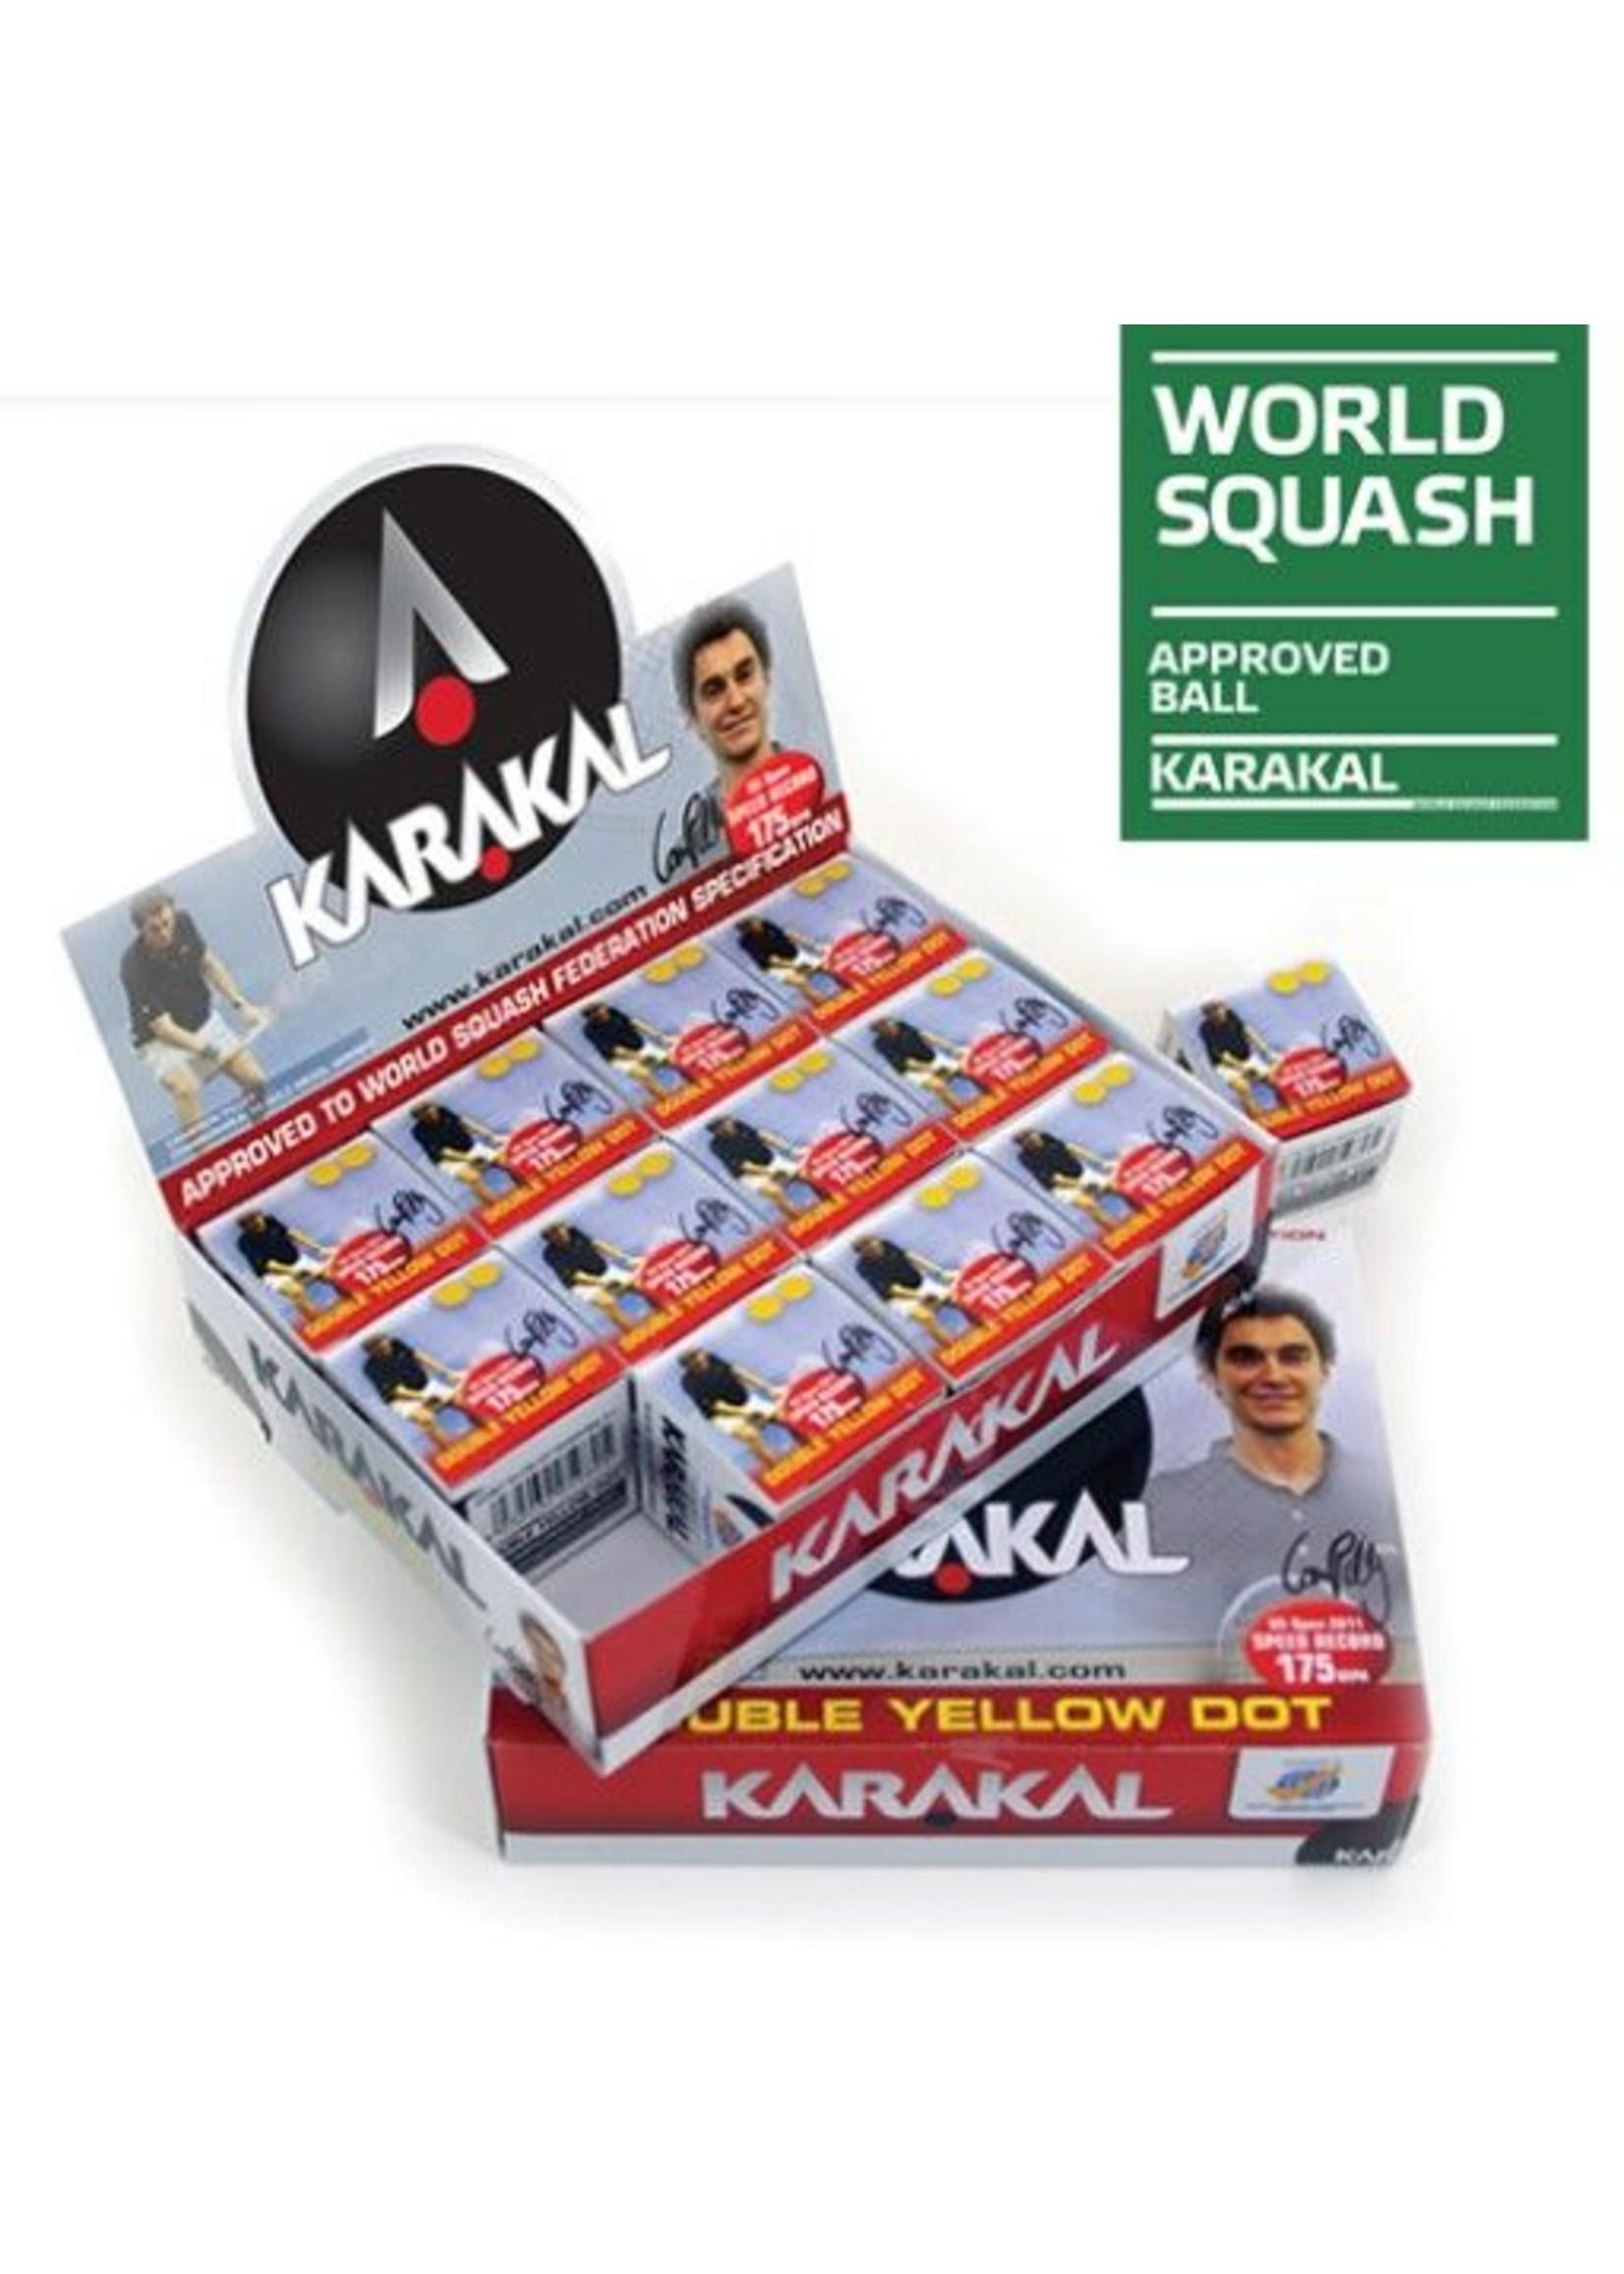 Karakal Karakal Squash Ball